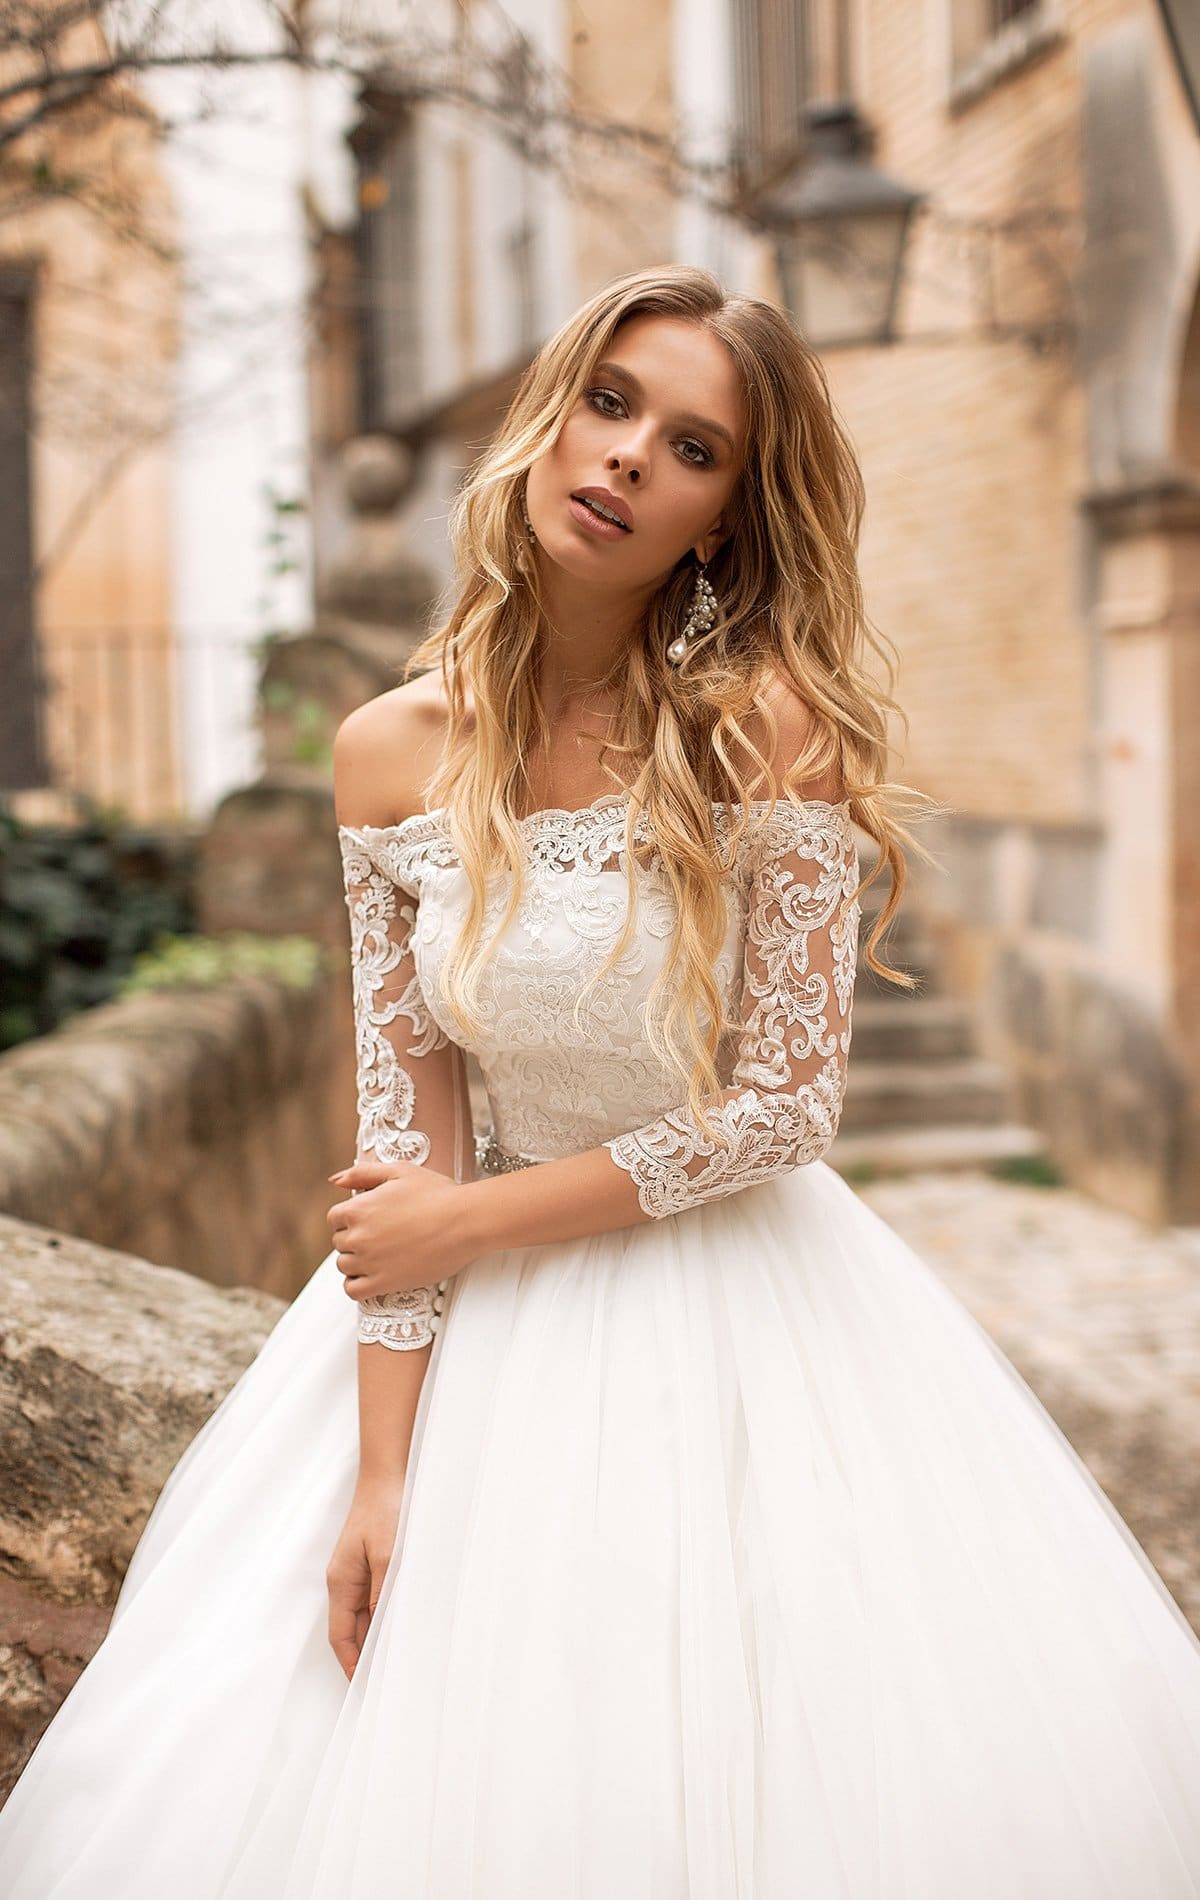 очень стильные свадебные платья фото загрузить фото инстаграм